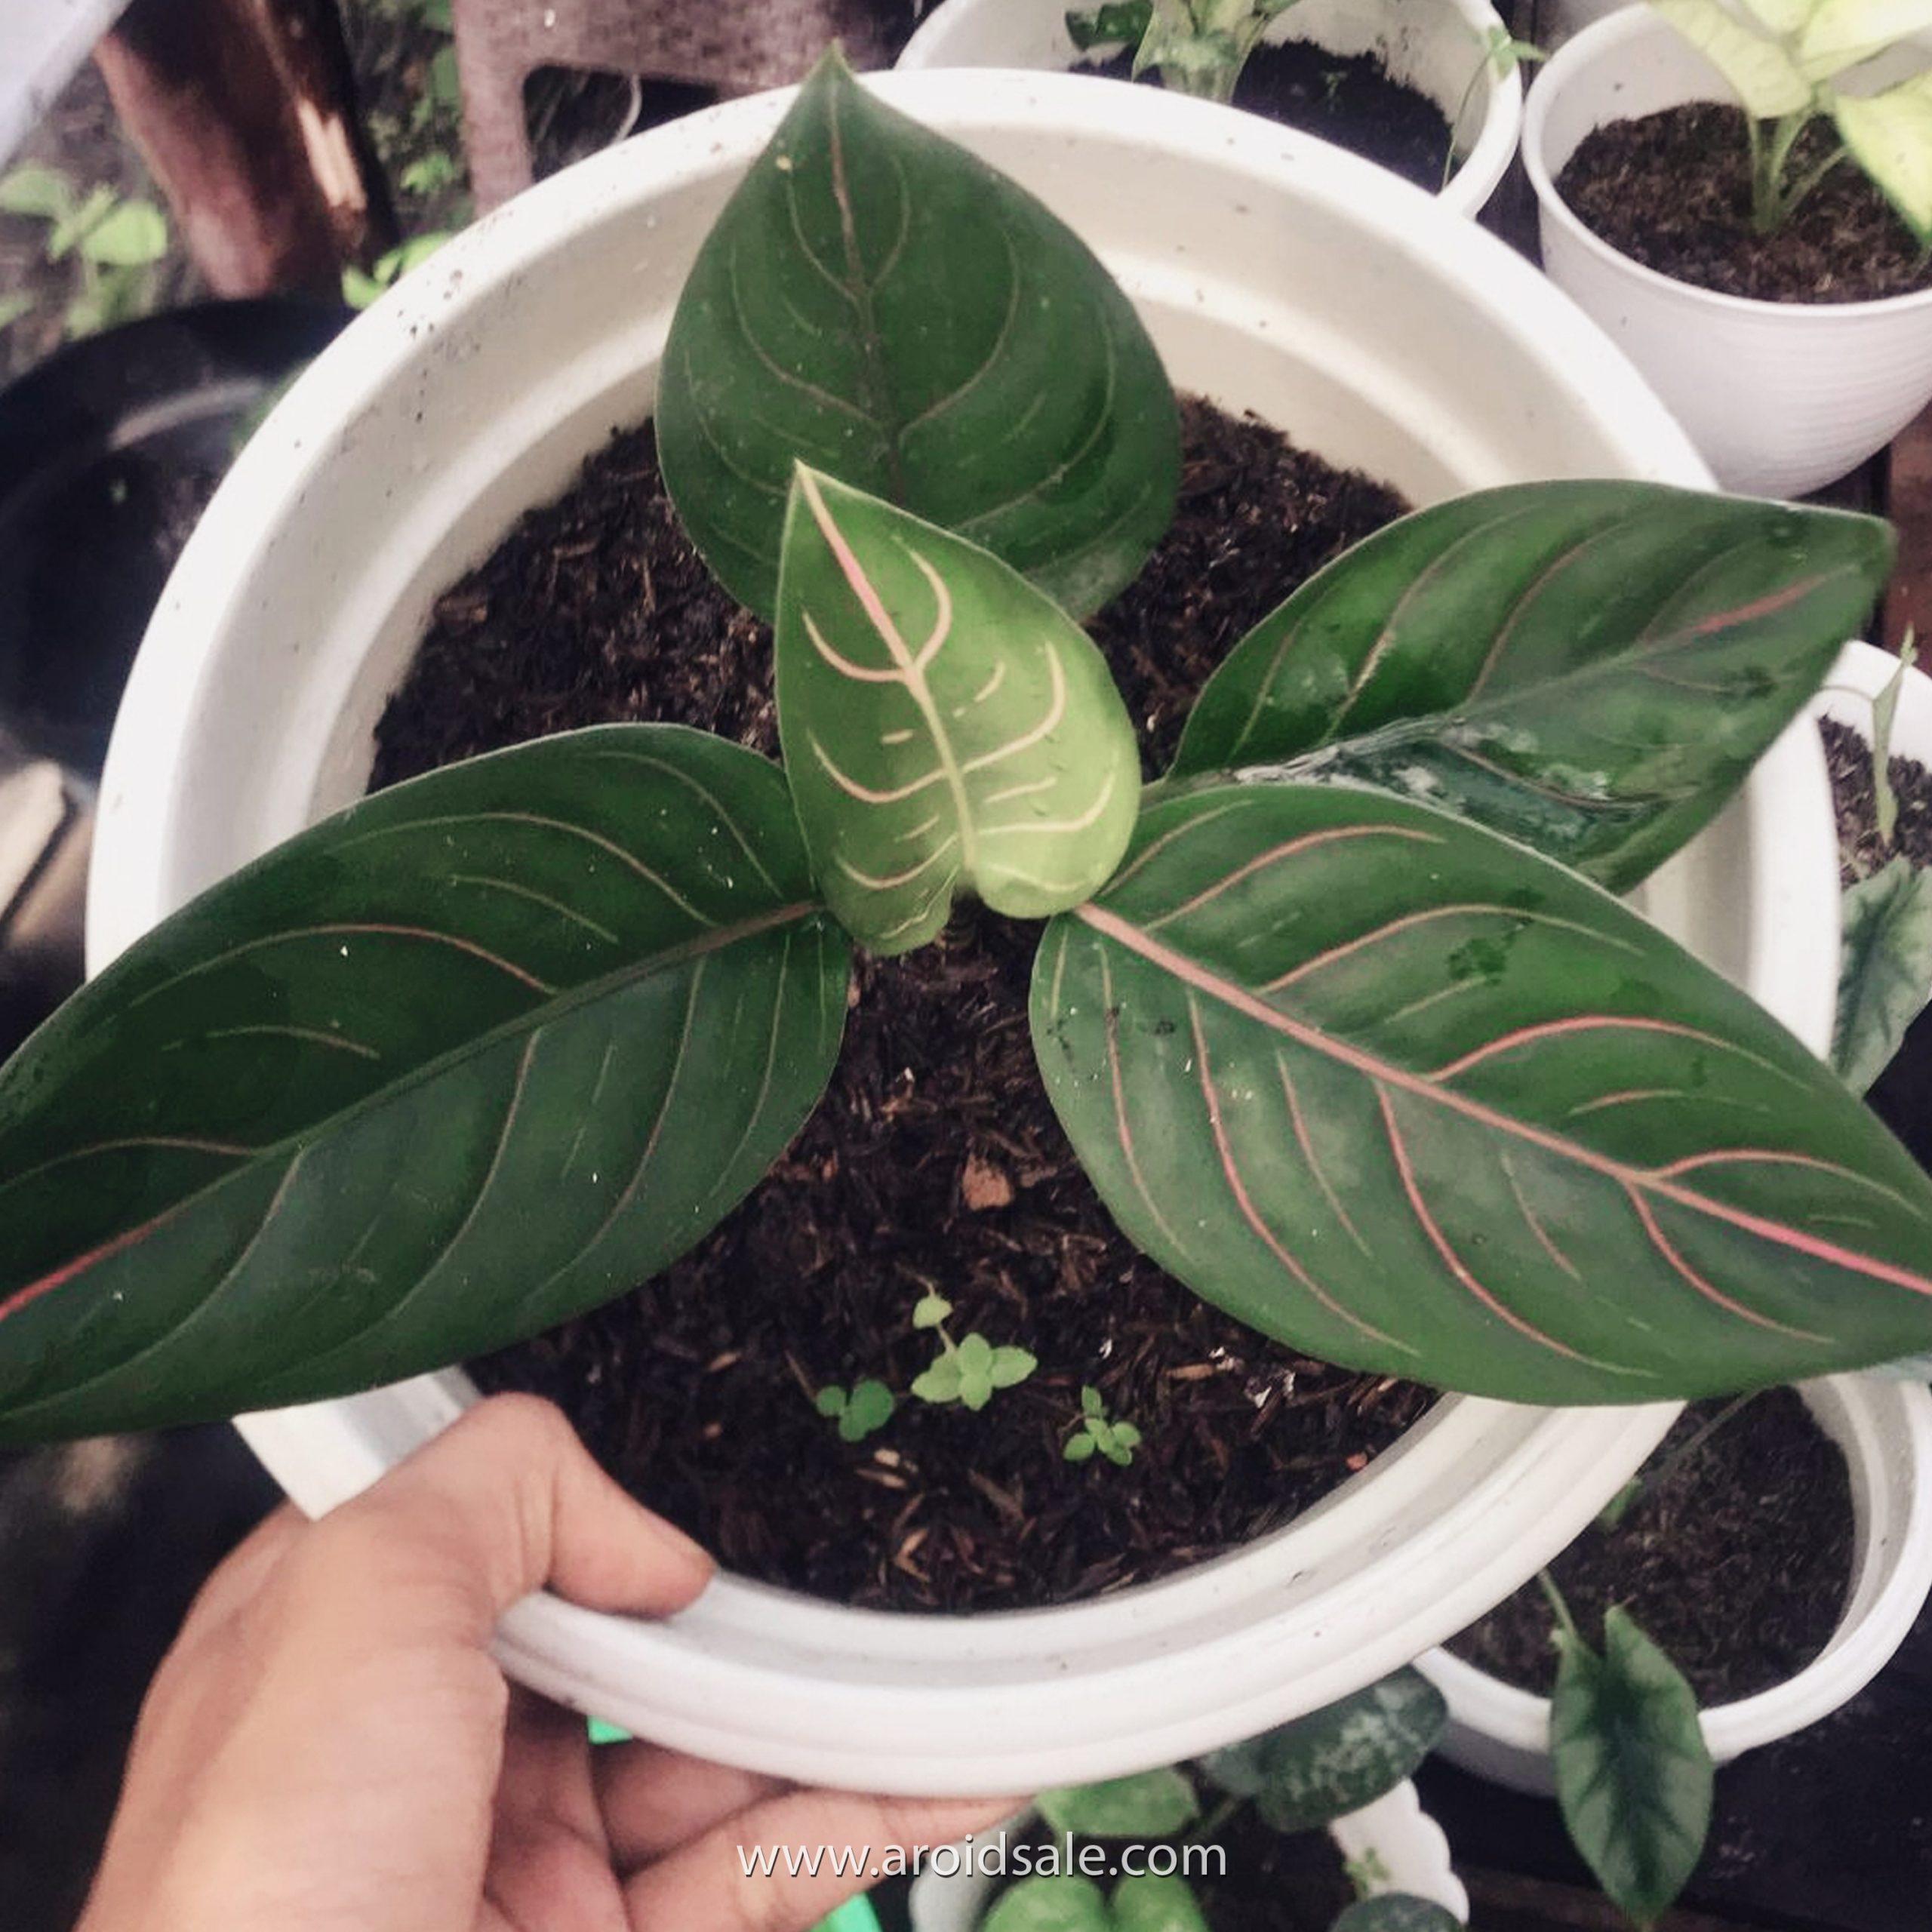 Aglaonema Rotundum, plants seller, plants shop, plants store, for sale, wholesale